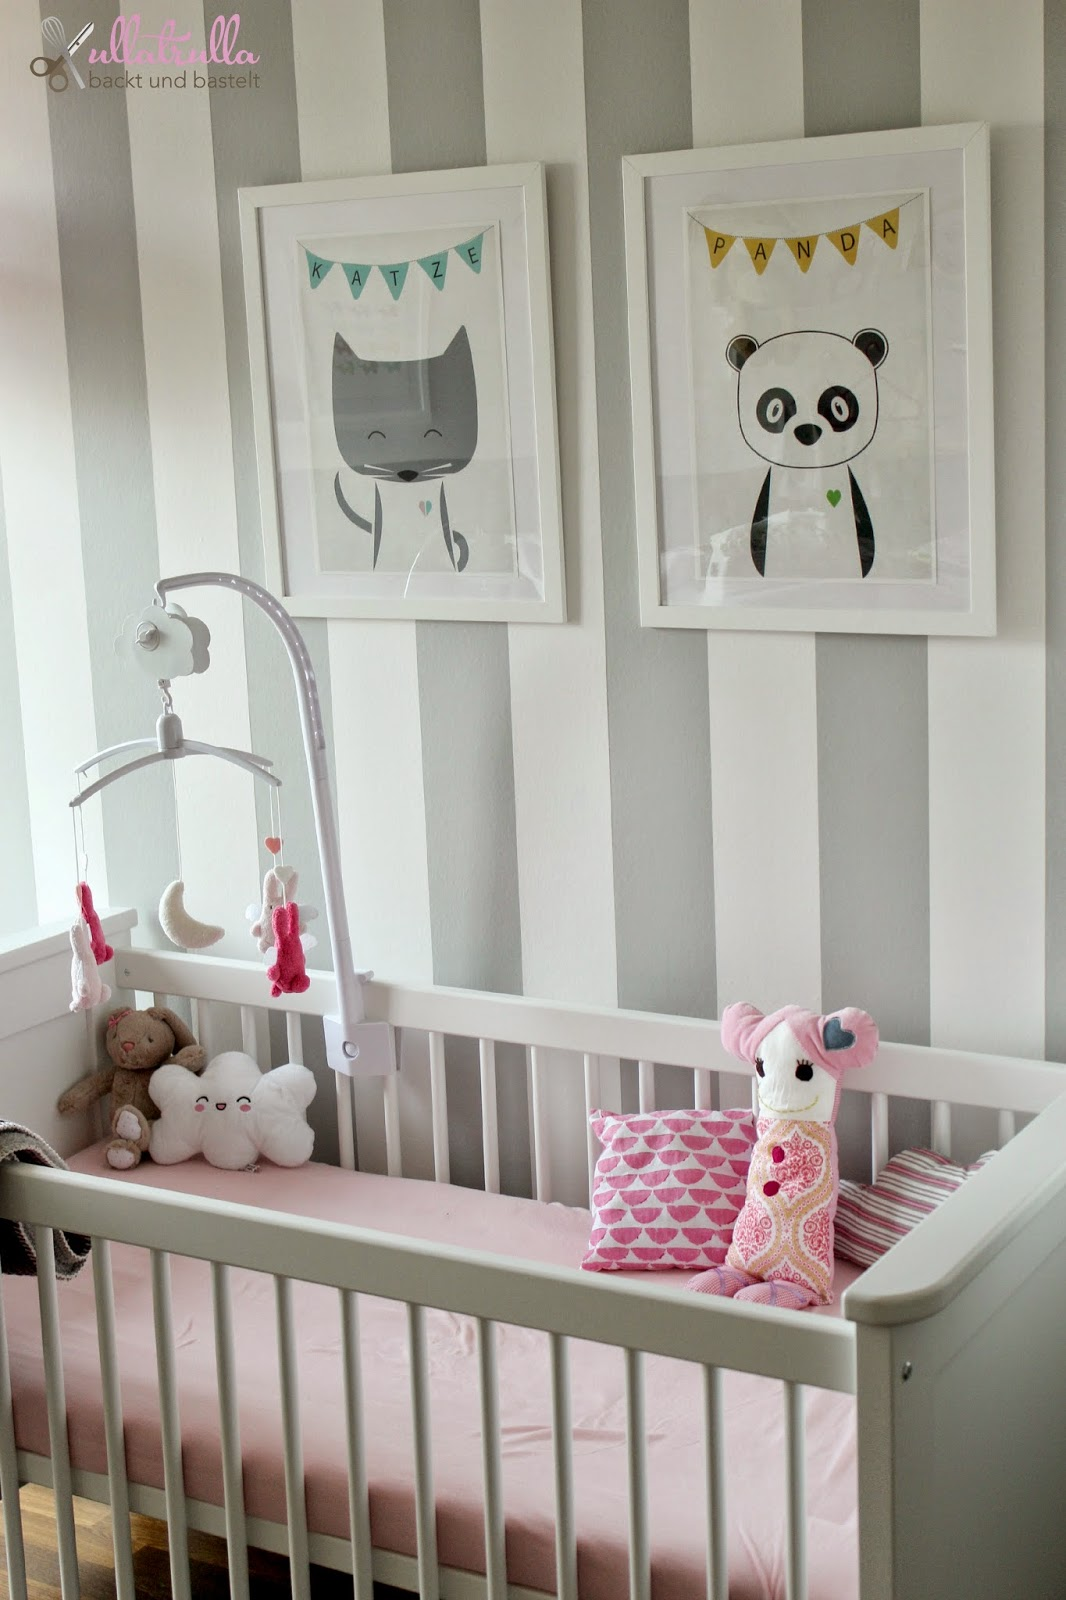 Kinderzimmer Grau Weiß | High 5 Von Rudolf Jugend Wohnwand Grau Weiß ...